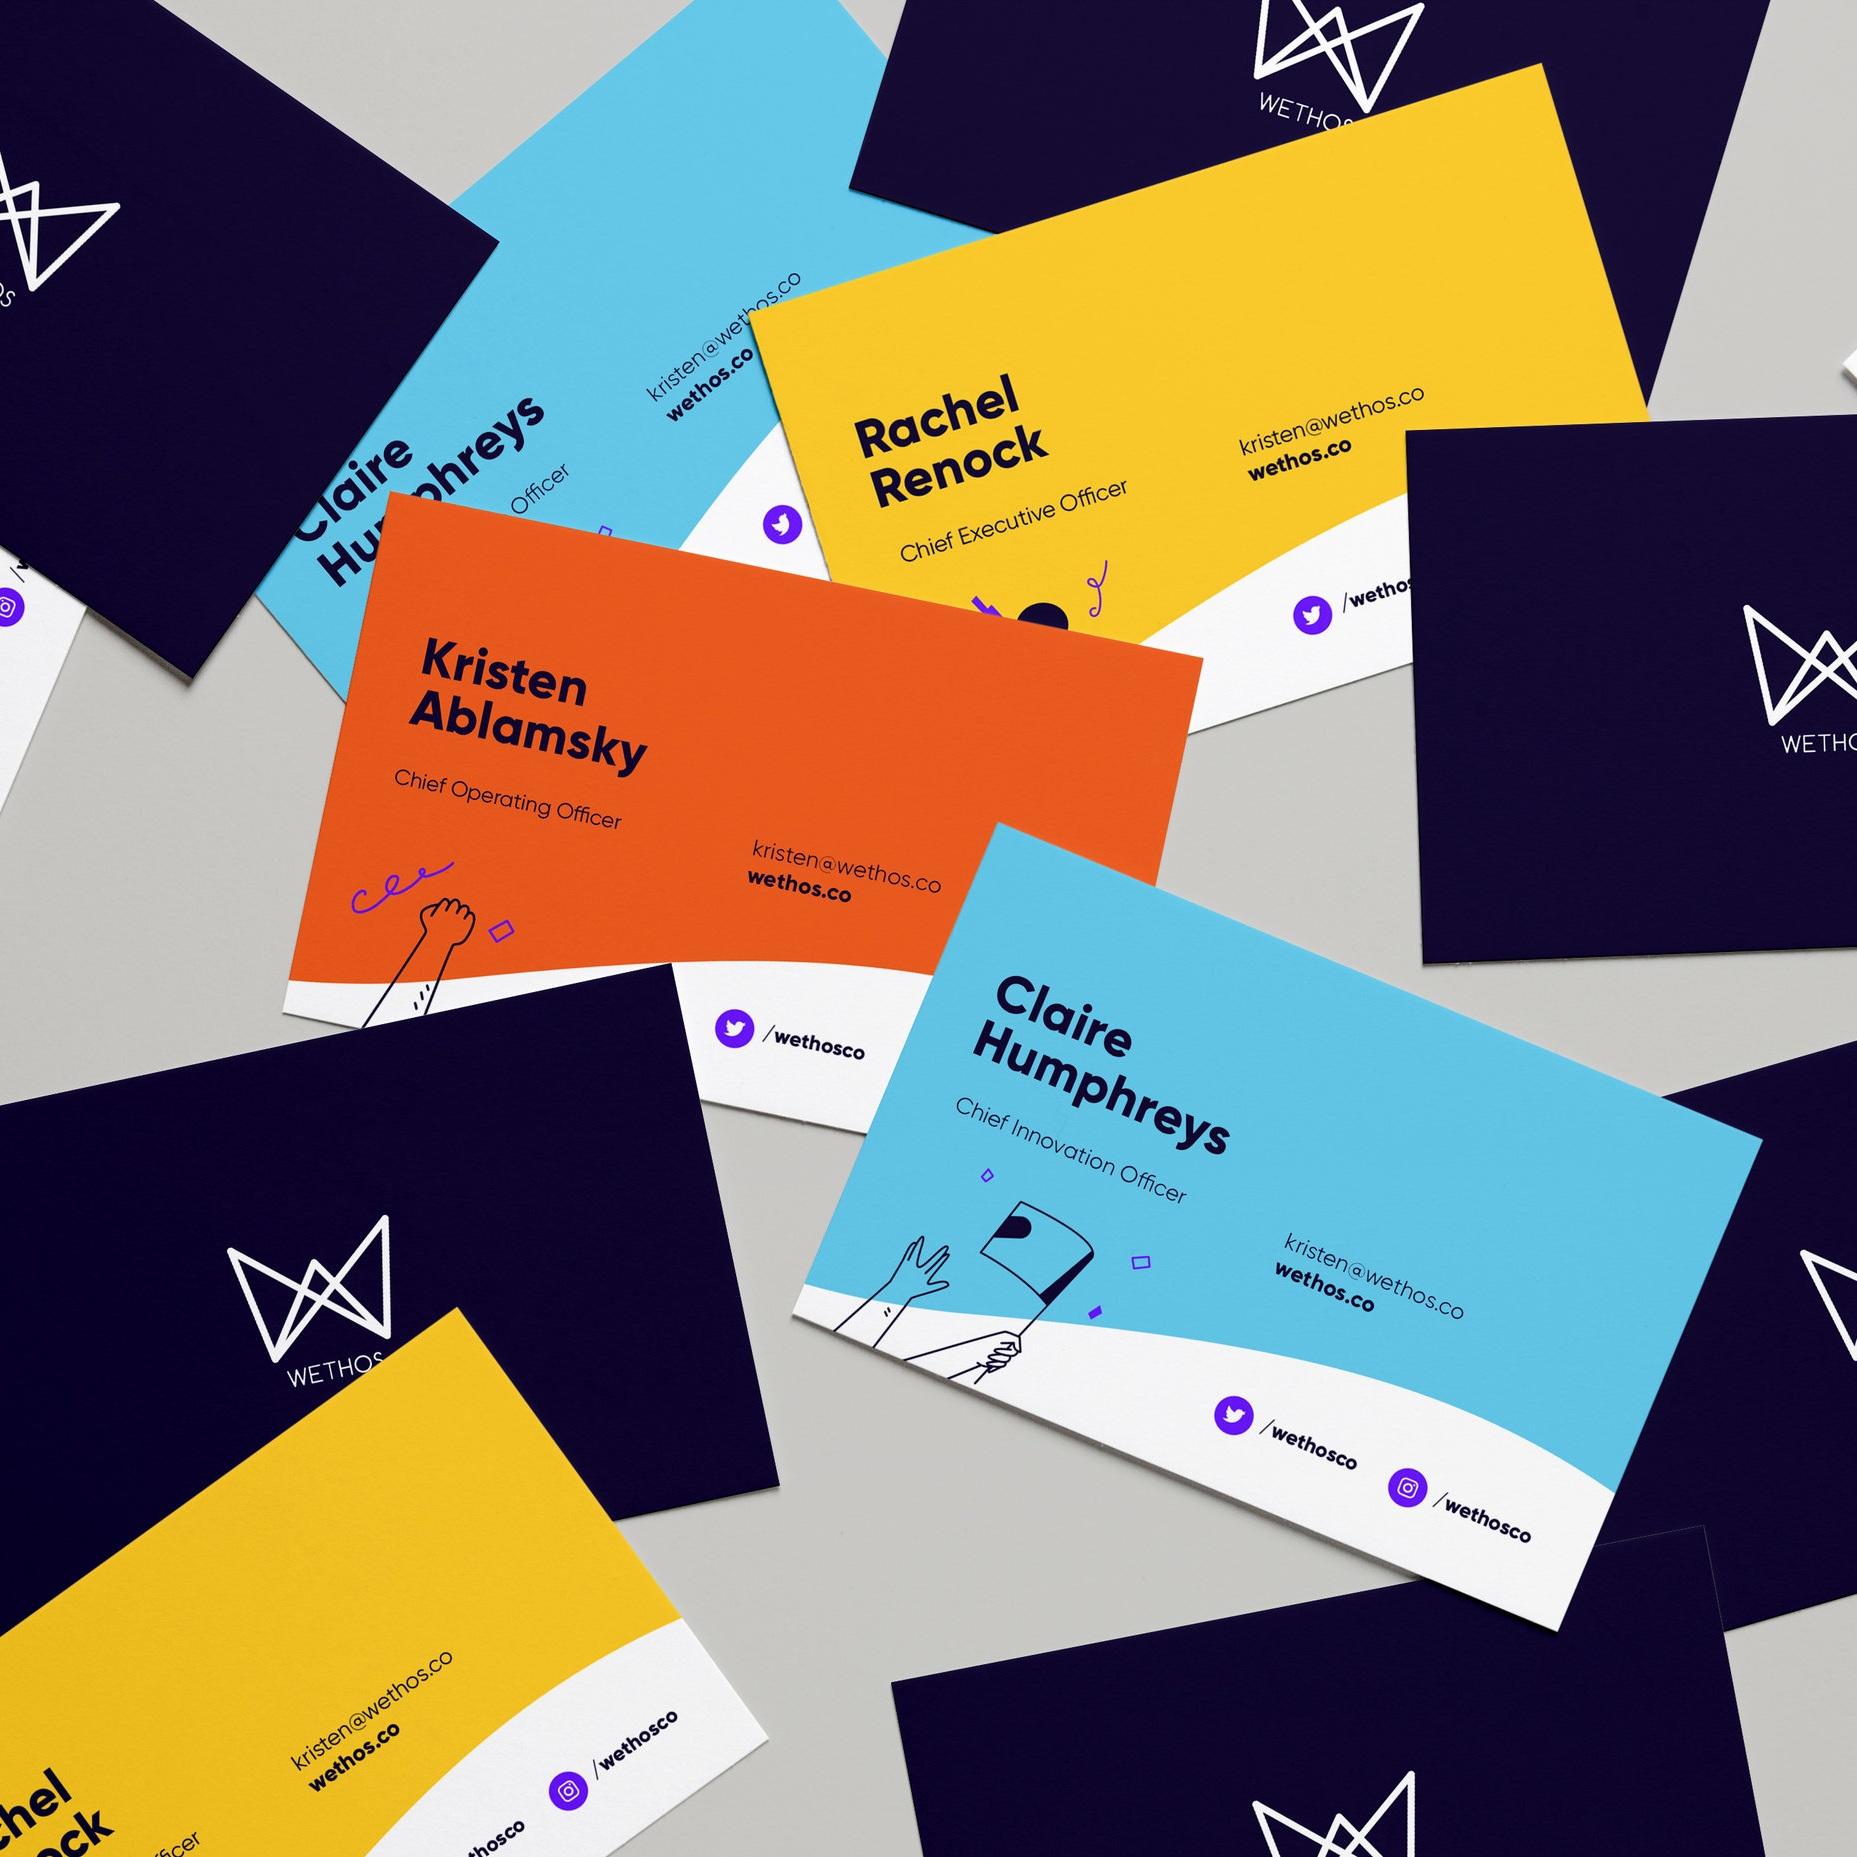 Wethos-Design_Collateral-Biz_Cards-Mockup_1.jpg